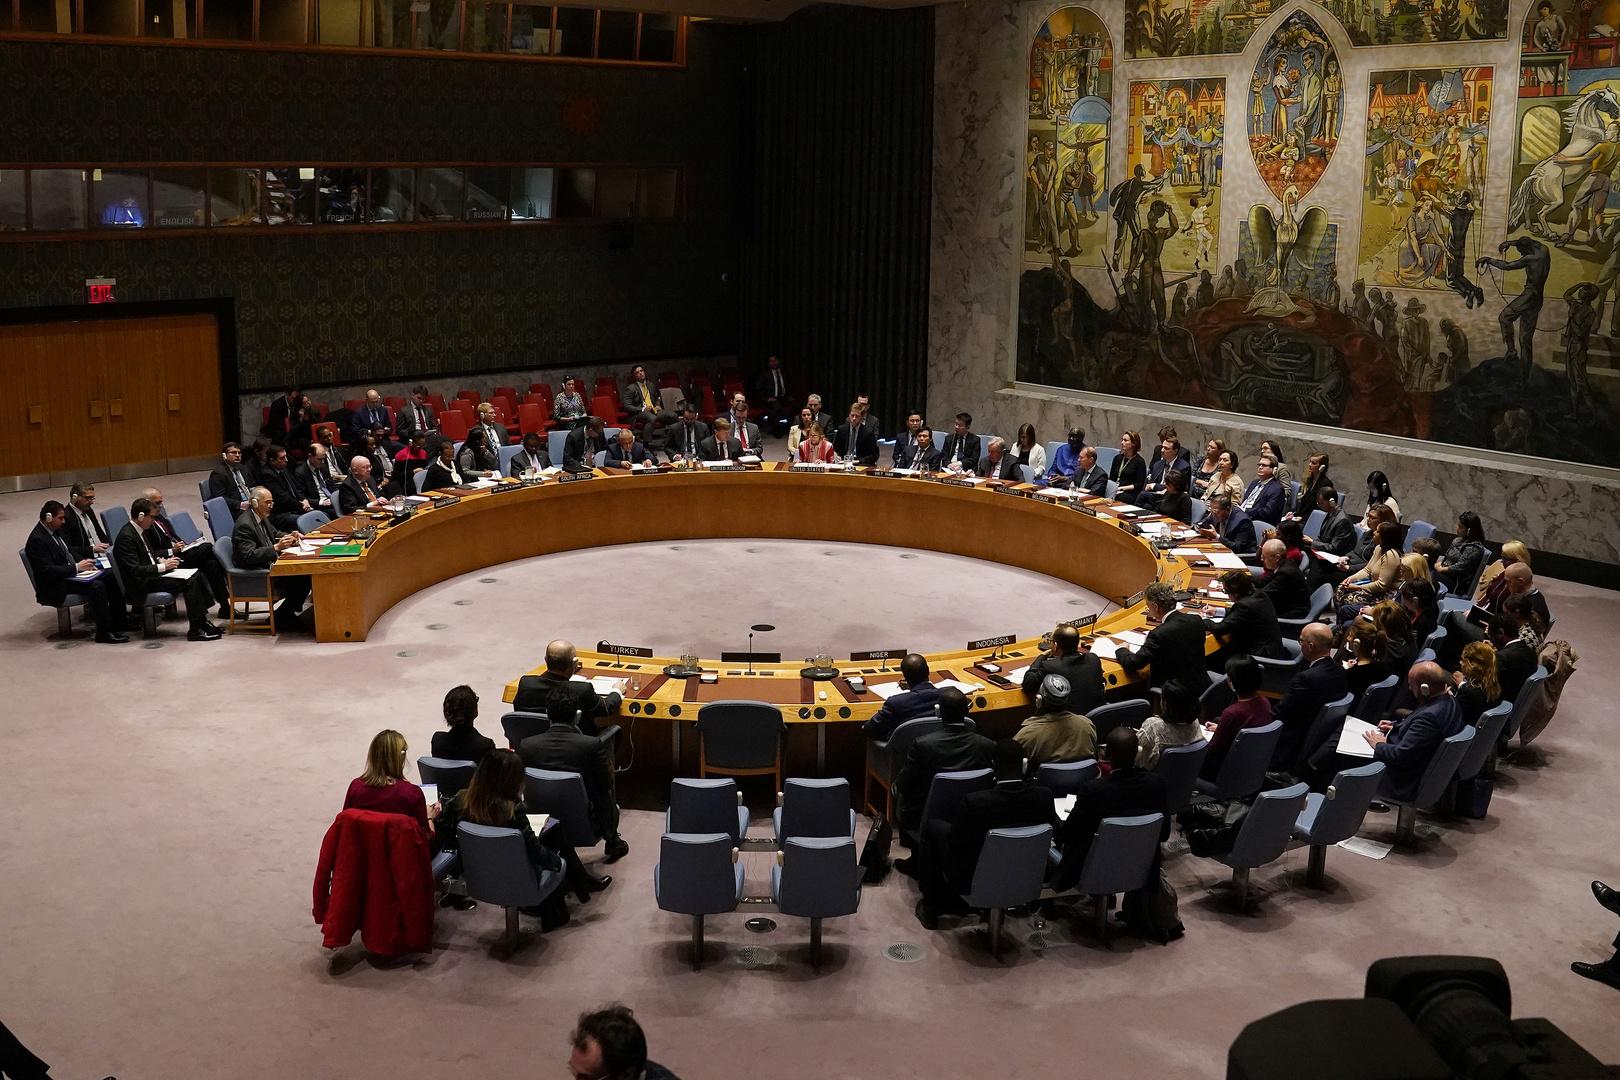 الجزائر تطالب بحق إفريقيا في عضوية دائمة في مجلس الأمن